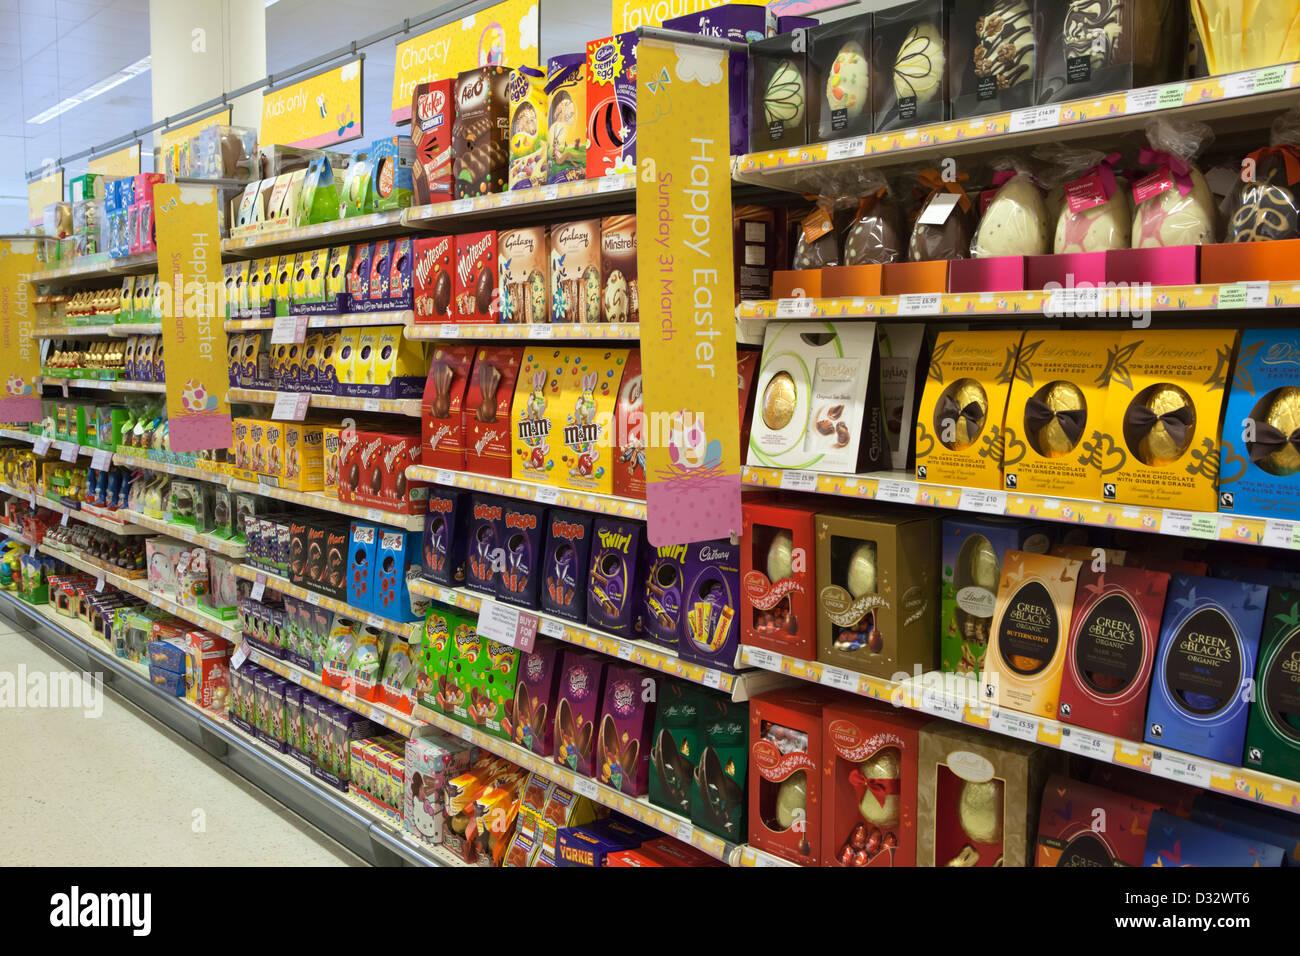 Sistemazione Merce Sugli Scaffali.Shelf Supermarket Waitrose Immagini Shelf Supermarket Waitrose